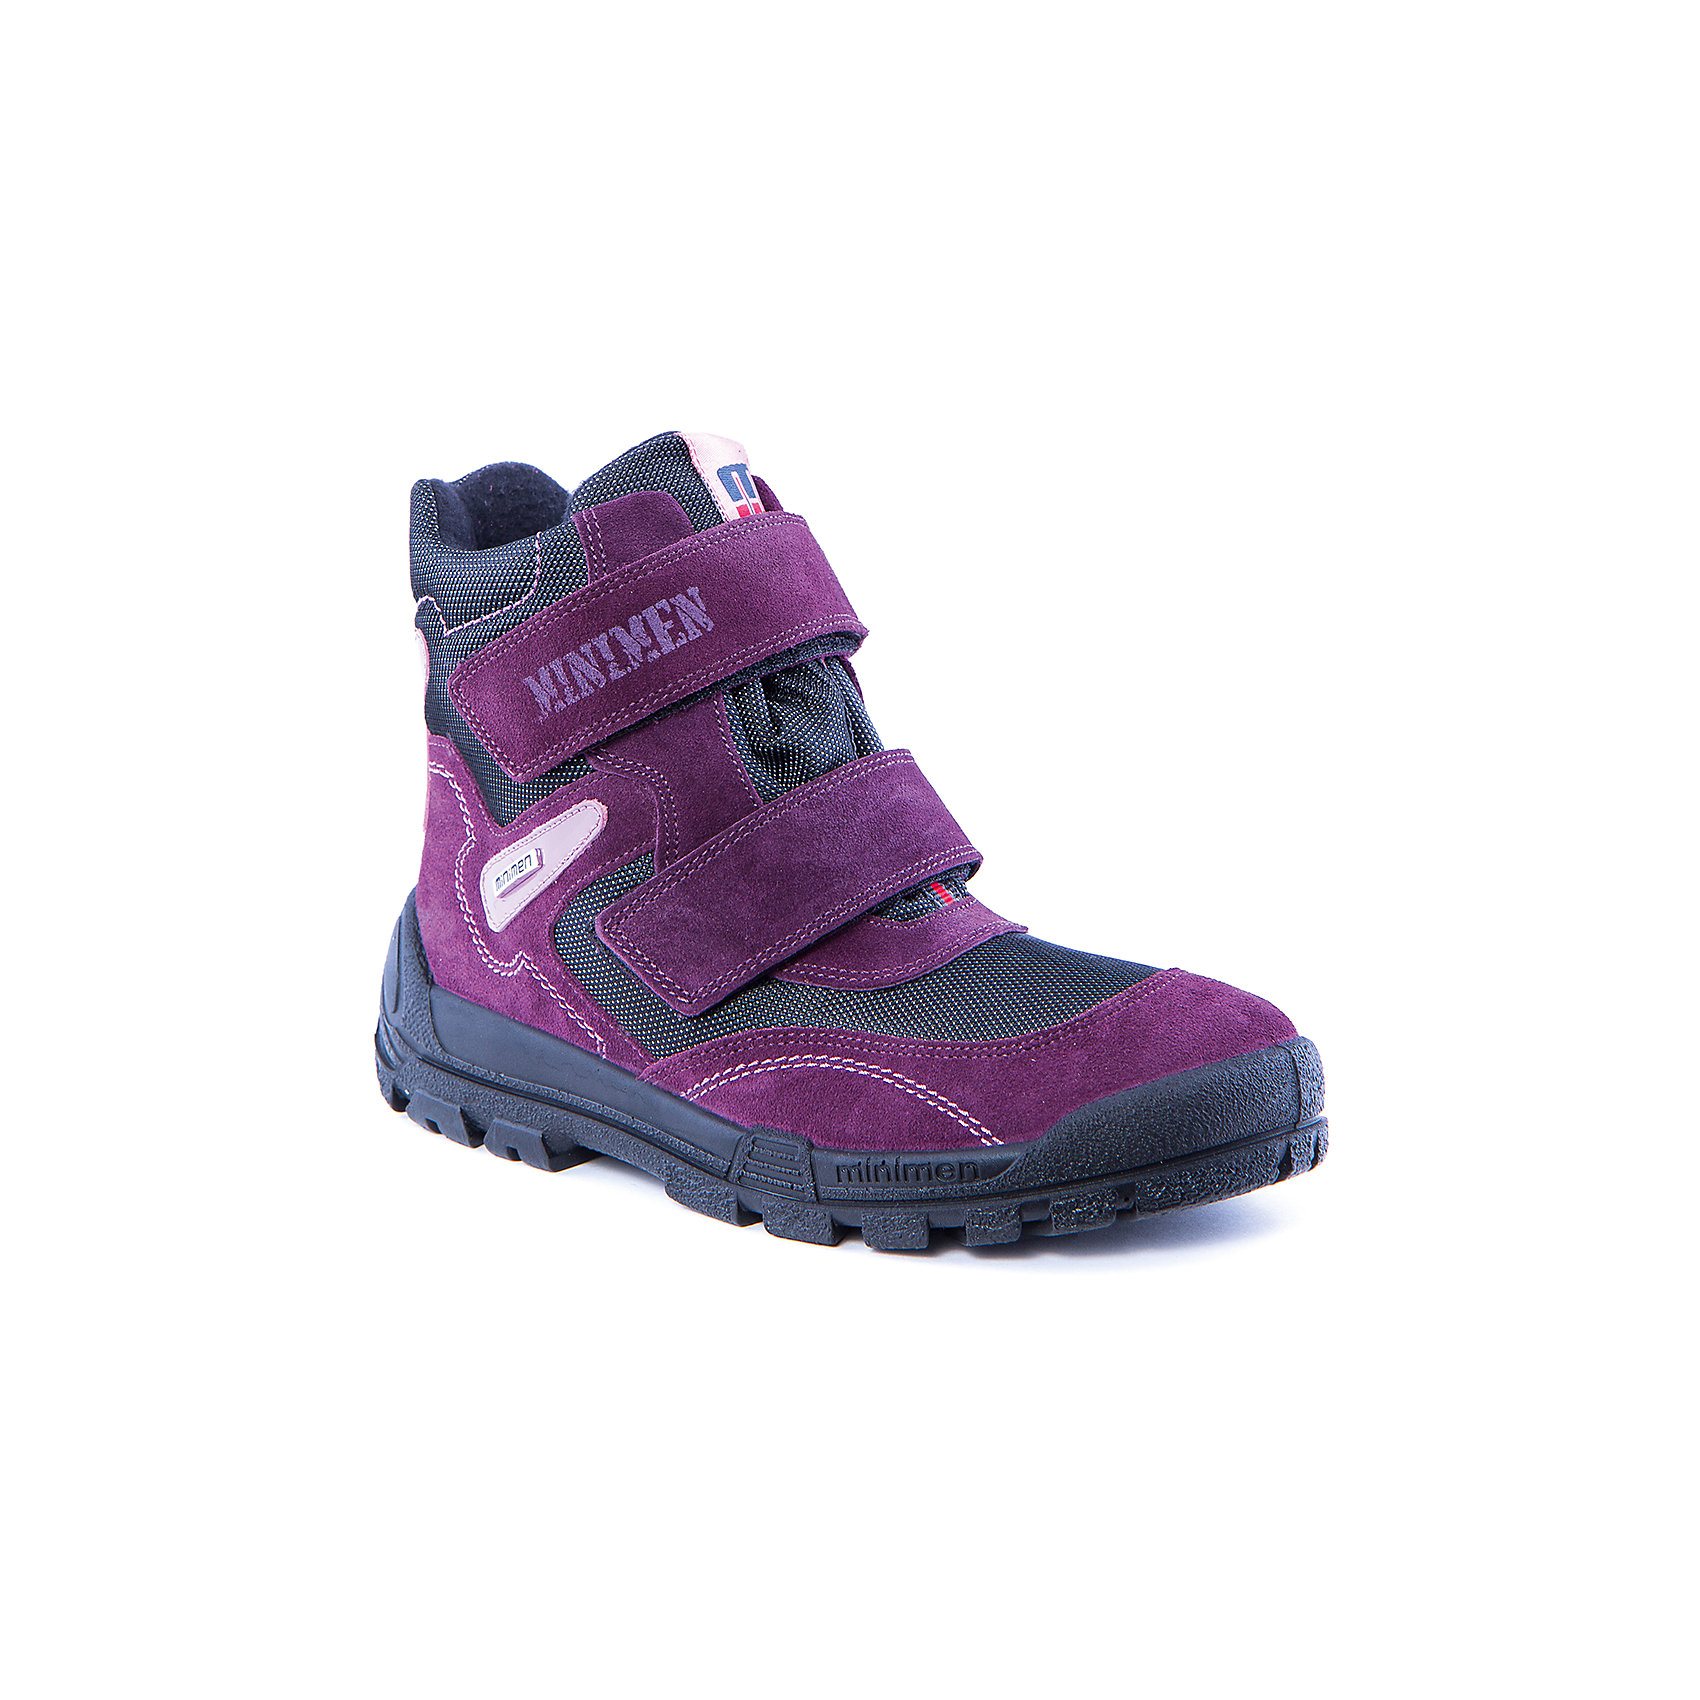 Полусапоги для девочки MinimenПолусапоги для мальчика от известного бренда Minimen<br><br>Удобные и модные полусапоги Minimen созданы для ношения в межсезонье и начинающиеся холода. Их форма тщательно проработана, поэтому детским ножкам в такой обуви тепло и комфортно. Качественные материалы позволяют сделать изделия износостойкими и удобными.<br><br>При создании этой модели использована мембрана SympaTex. Она добавляется в подкладку обуви и позволяют ногам оставаться сухими и теплыми. Мембрана активно отводит влагу наружу, и не дает жидкости проникать внутрь, а также  не создает препятствий для воздуха, обеспечивая комфортные условия для детских ножек.<br><br>Отличительные особенности модели:<br><br>- цвет: фиолетовый;<br>- гибкая нескользящая подошва;<br>- усиленный носок и задник;<br>- эргономичная форма;<br>- удобная колодка;<br>- шерстяная подкладка;<br>- натуральная кожа;<br>- застежки-липучки.<br><br>Дополнительная информация:<br><br>Температурный режим: от - 15° С до +5° С.<br><br>Состав:<br>верх - 100% натуральная кожа<br>подкладка - 100% текстиль<br>подошва - ПУ<br><br>Полусапоги для девочки Minimen (Минимен) можно купить в нашем магазине.<br><br>Ширина мм: 257<br>Глубина мм: 180<br>Высота мм: 130<br>Вес г: 420<br>Цвет: фиолетовый<br>Возраст от месяцев: 156<br>Возраст до месяцев: 168<br>Пол: Женский<br>Возраст: Детский<br>Размер: 37,34,38,36,35<br>SKU: 4334470